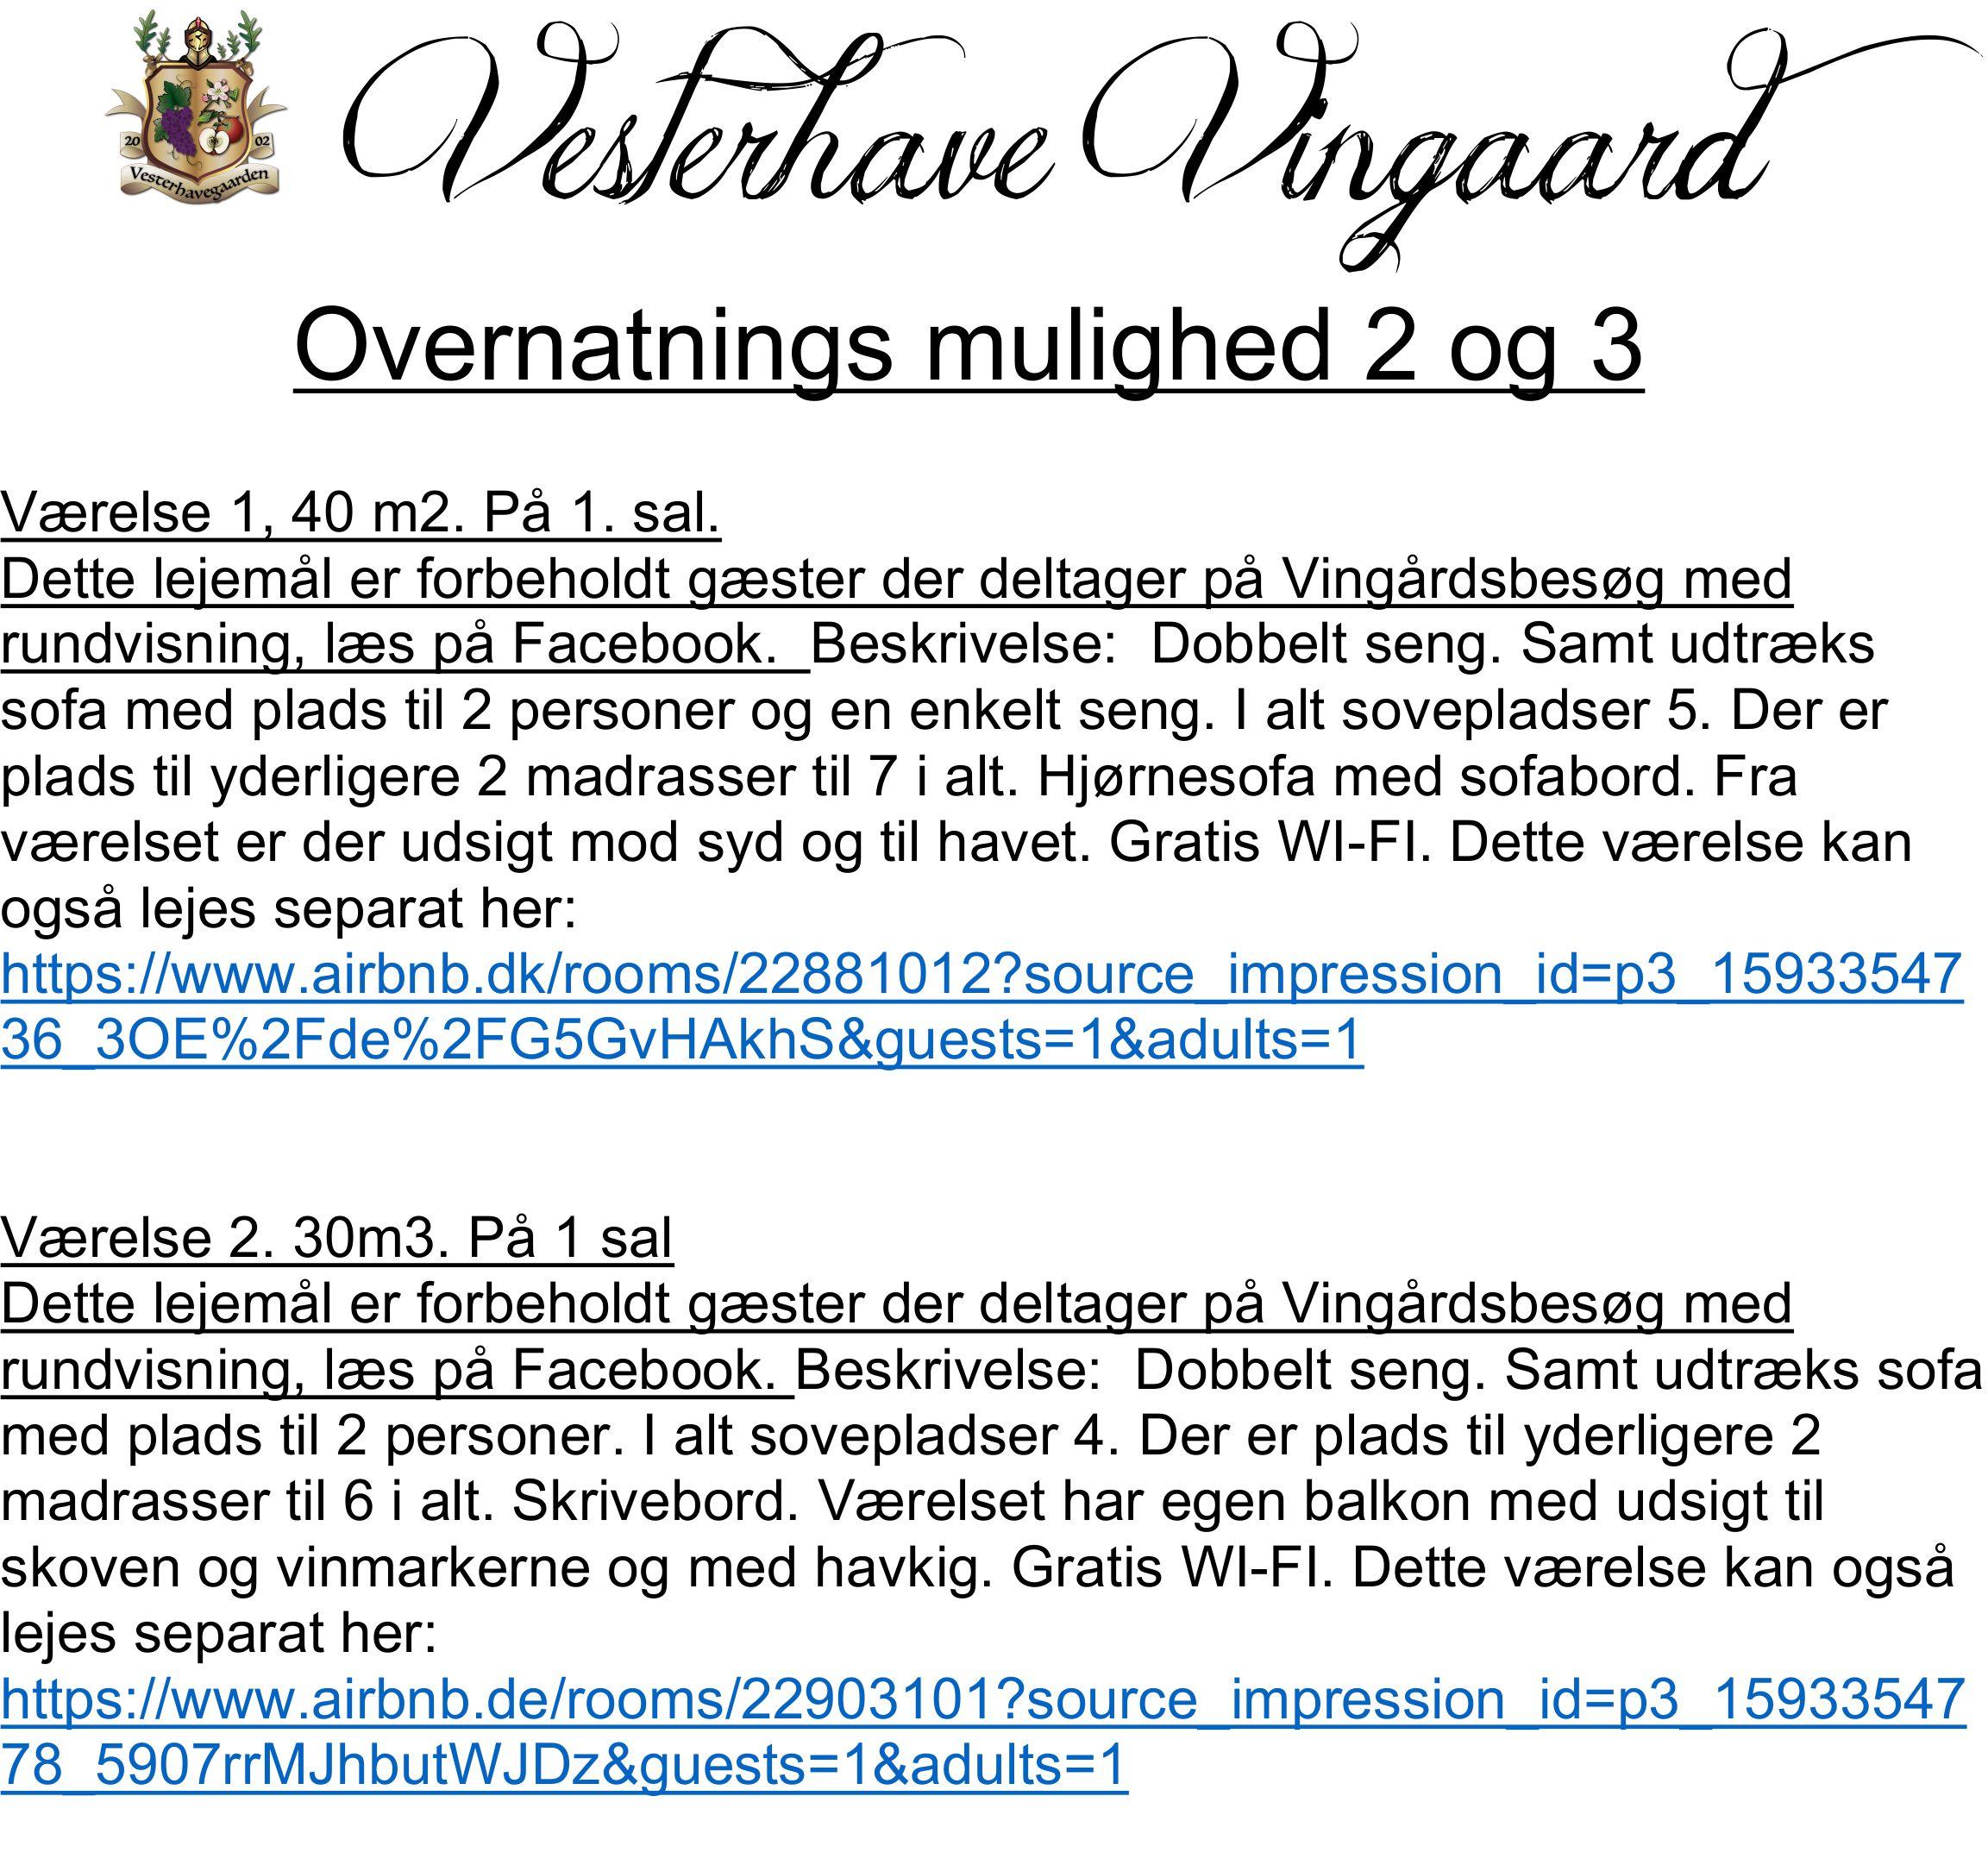 VINGÅRDSBESØG 6-26, MED RUNDVISNING 26.6.21 kl 15